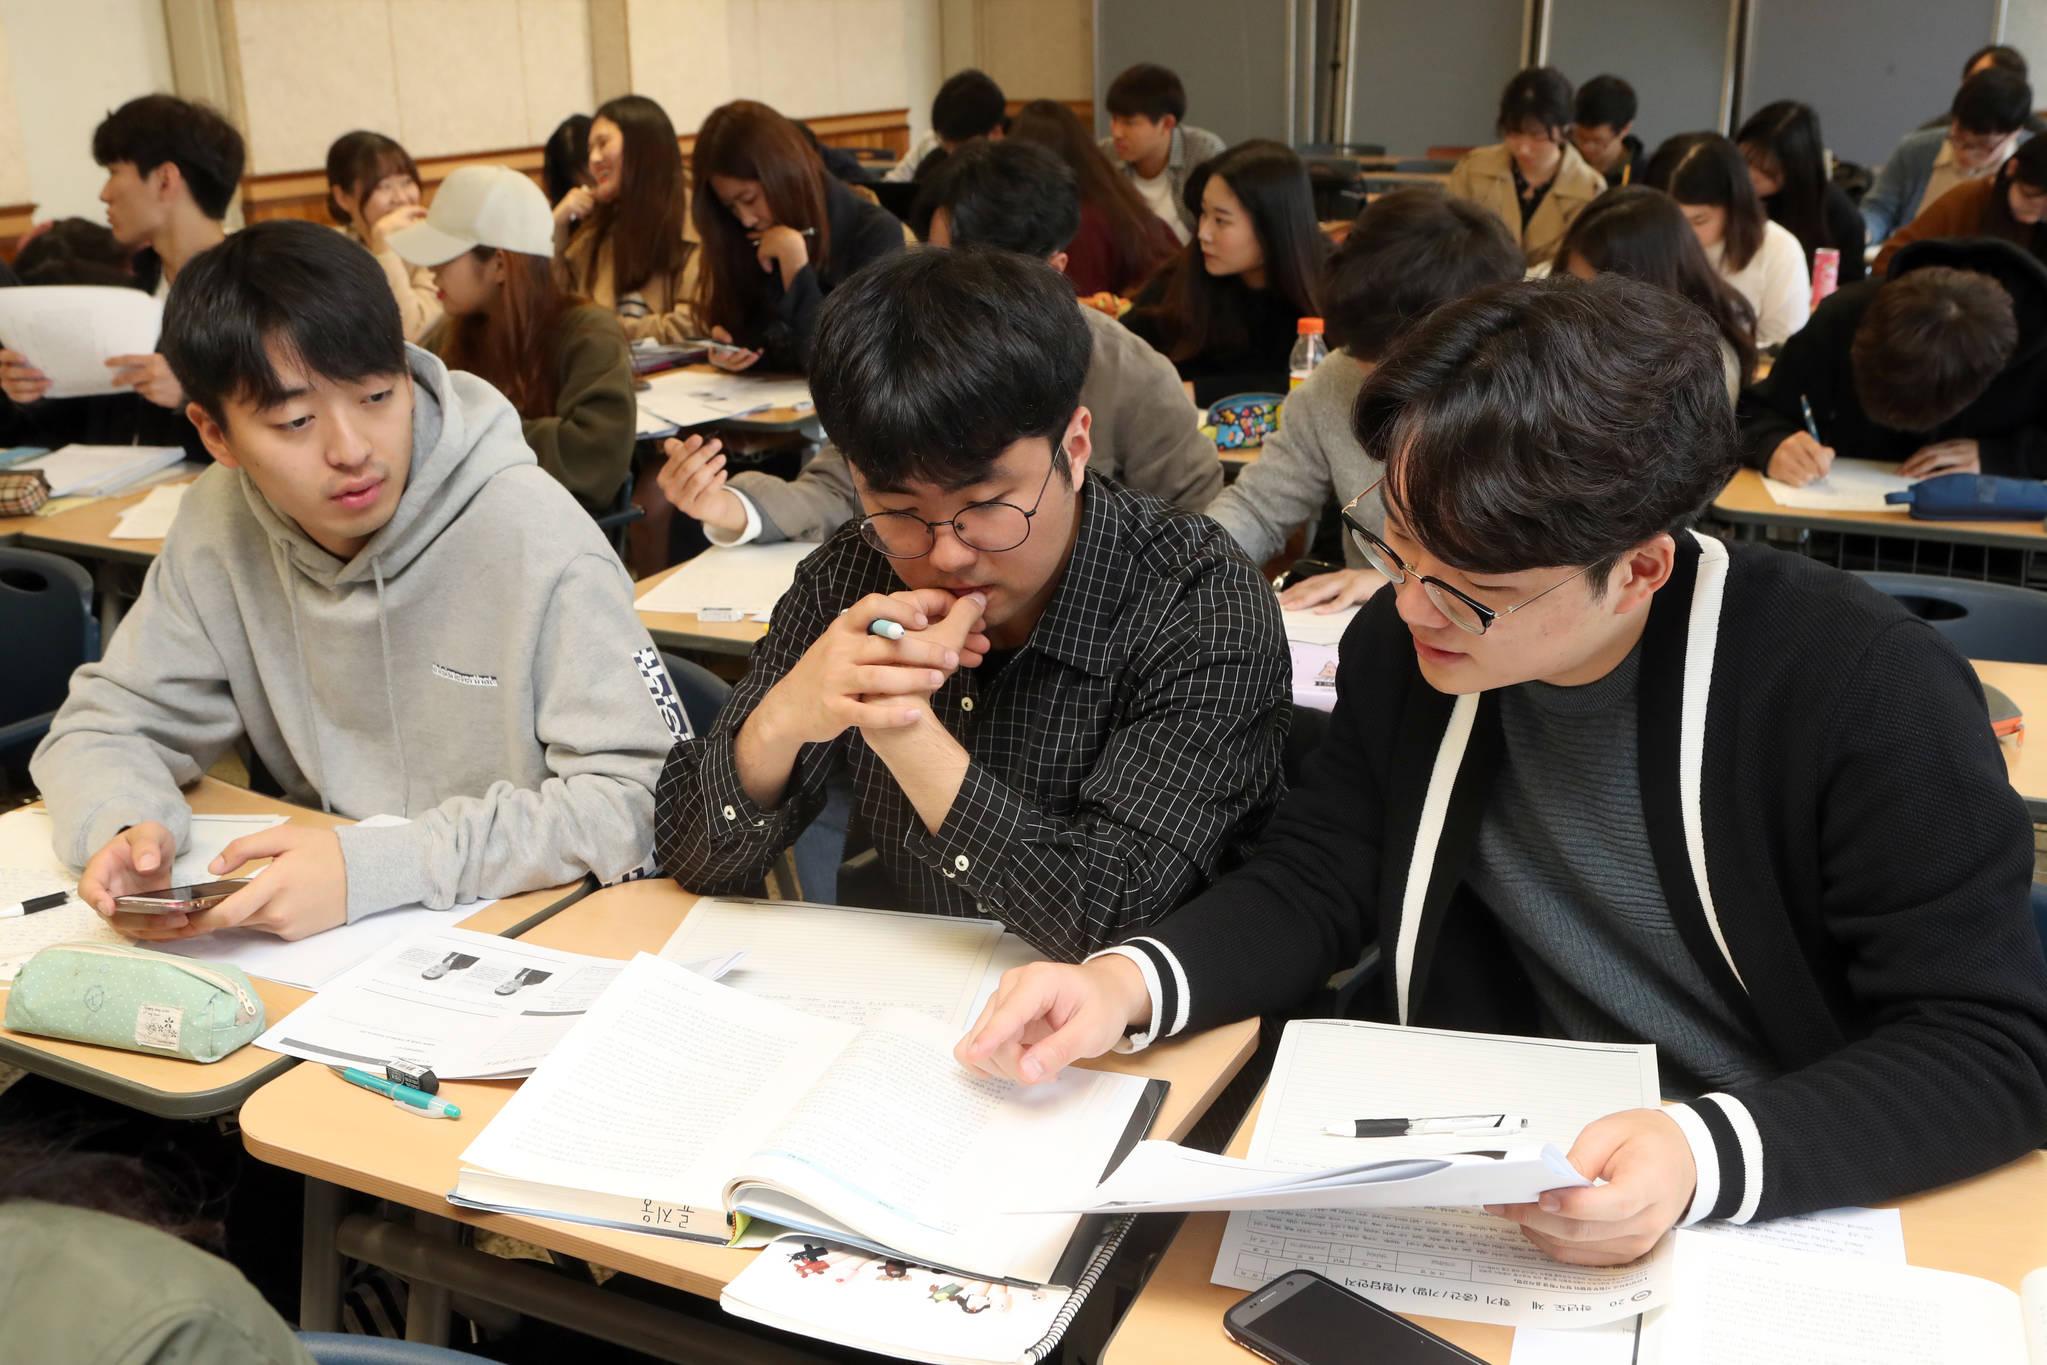 지난 17일 경기도 안산시 한양대(ERICA) 경영학부 학생들이 전상길 교수의 '조직행동론 ' 시험 도중 토론하고 있다. 최정동 기자